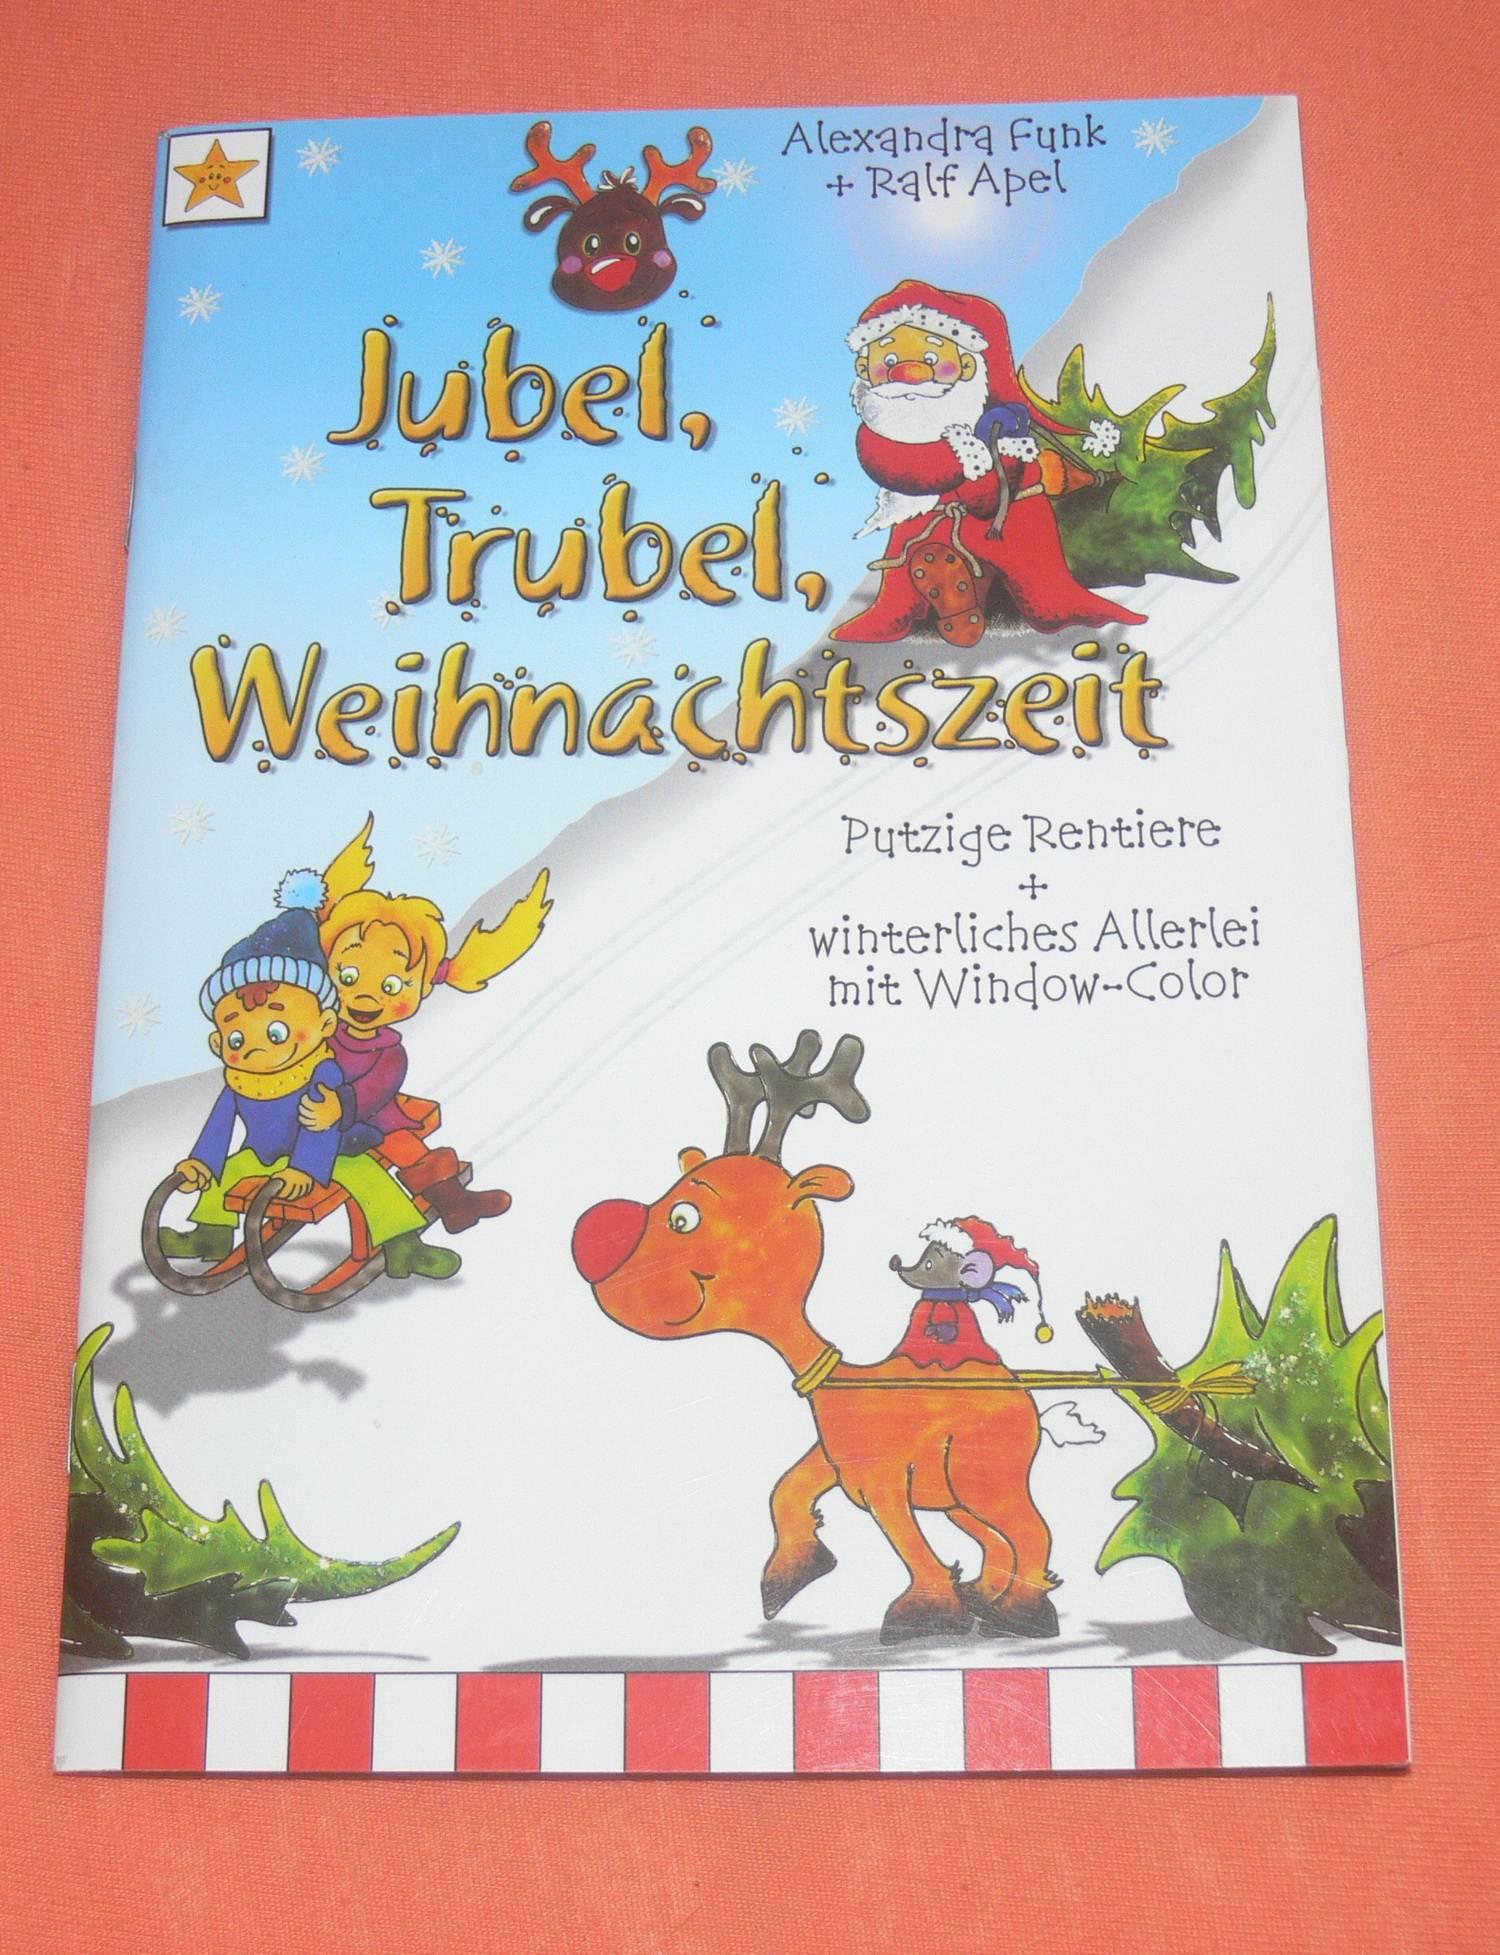 Window Color Vorlagen Weihnachten Rentier Das Beste Von Window Color Vorlagen Weihnachten Rentier Jubel Trubel Galerie